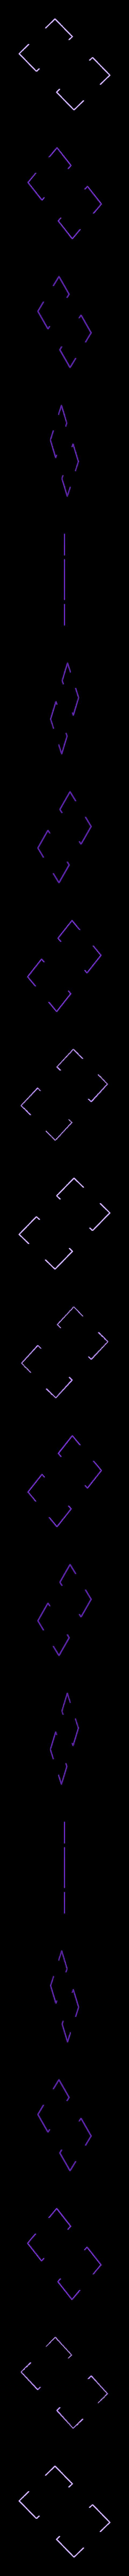 1_Base_Outline.stl Télécharger fichier STL gratuit Plaques de montage gyroscopiques à cardan • Plan pour impression 3D, Bolnarb